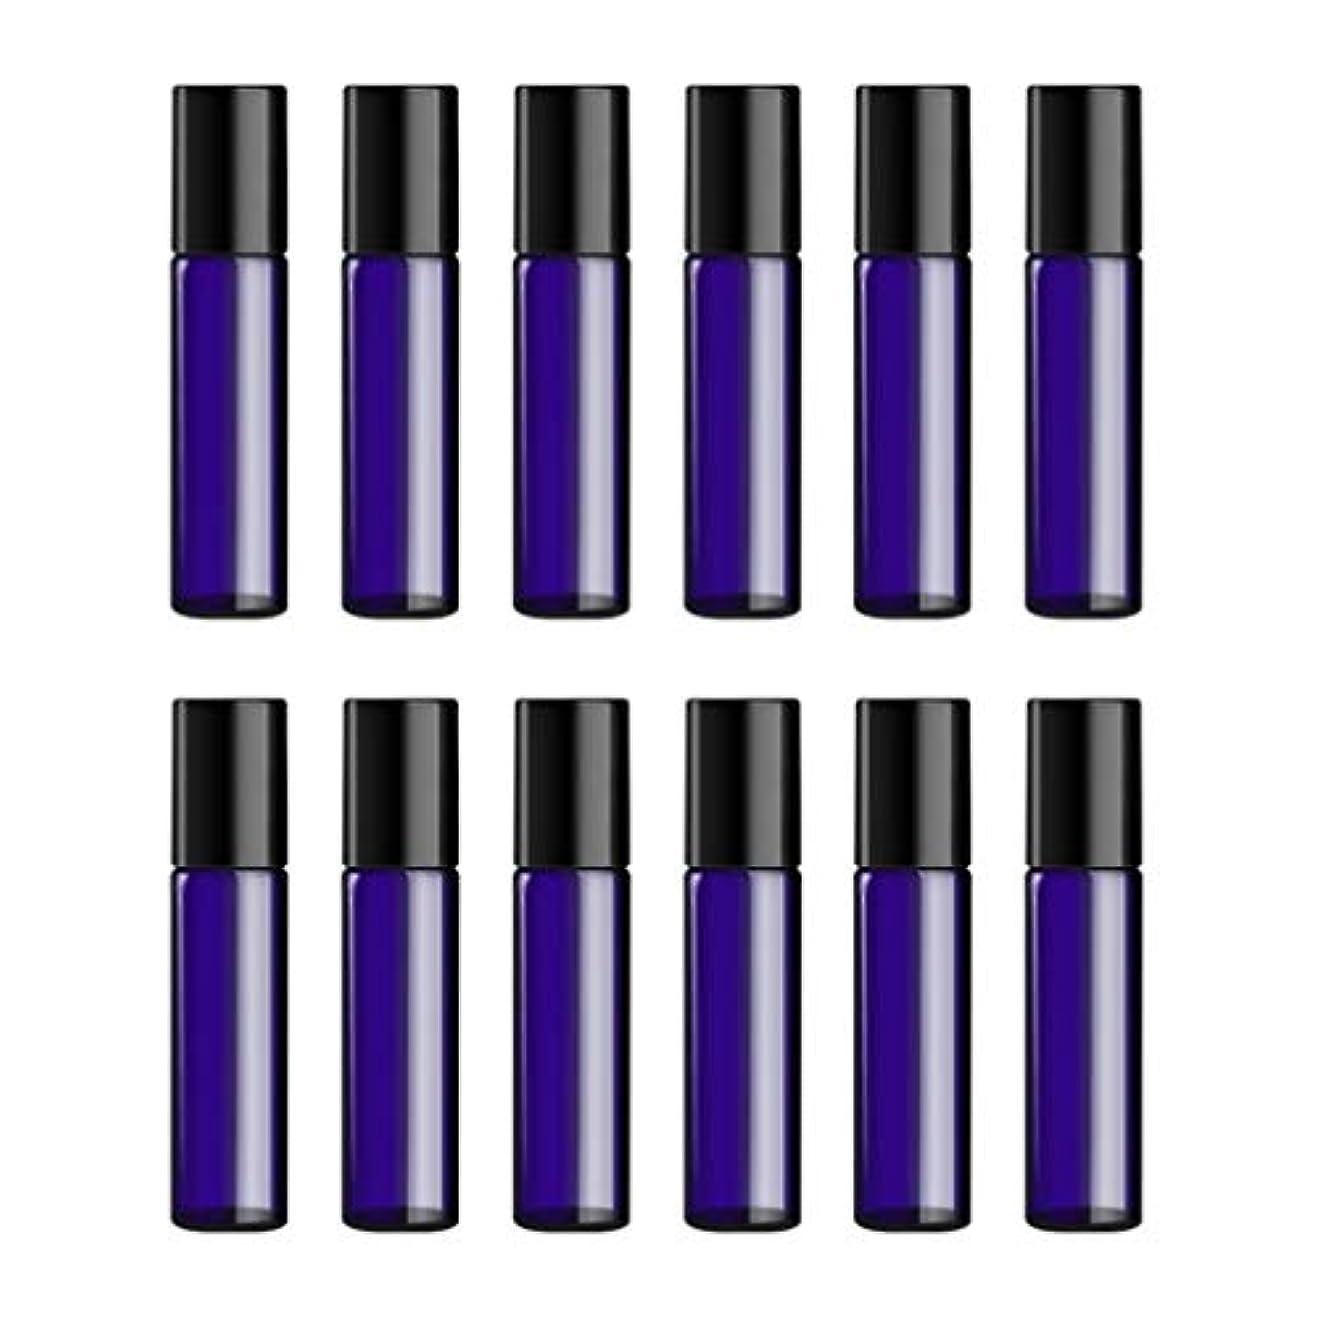 三角過度に困難Lurrose ボトルのロール旅行旅行 精油 小分け用 詰め替えローラーボールエッセンシャルオイル 精油ローラーボトルガラス香水瓶 10mlの12PCS 青